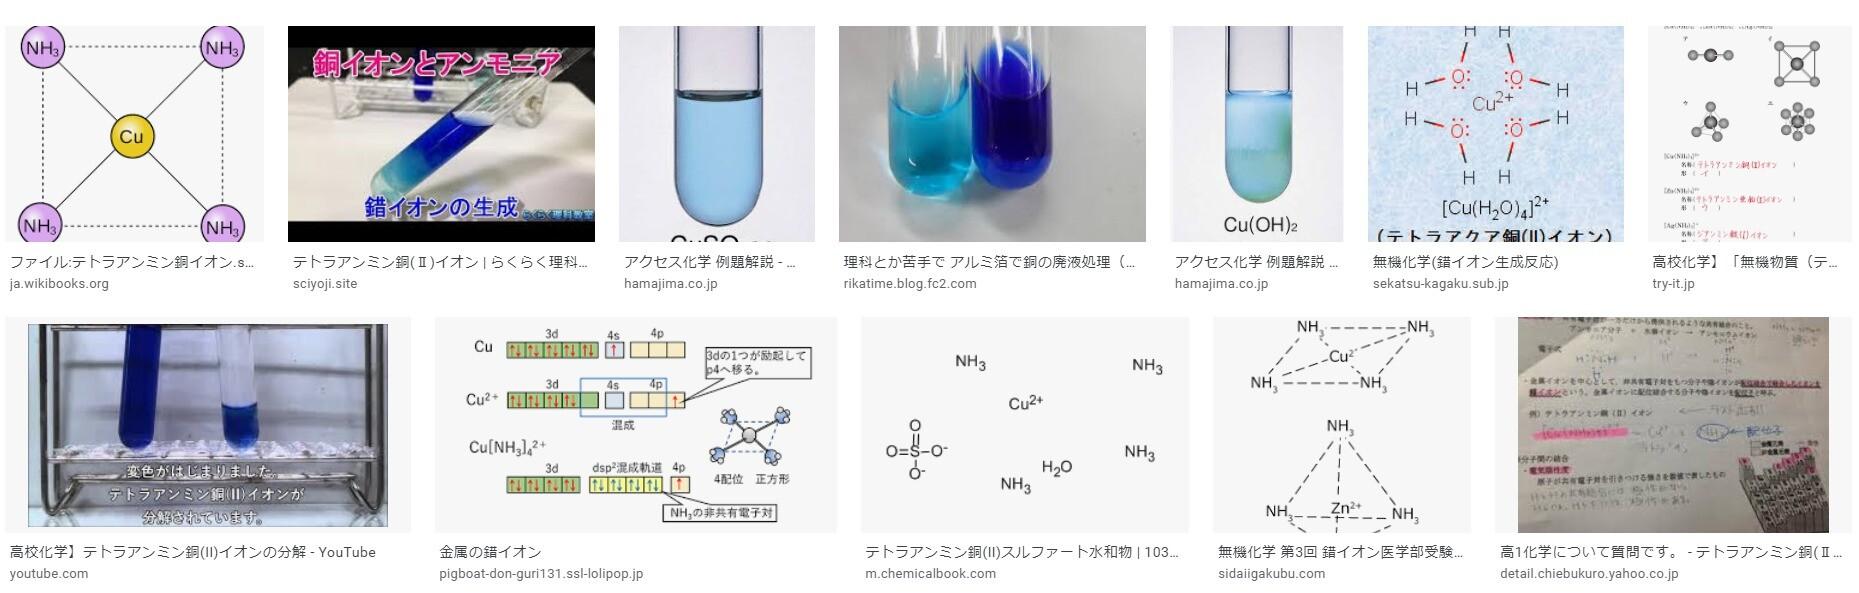 金属イオンの色と画像検索